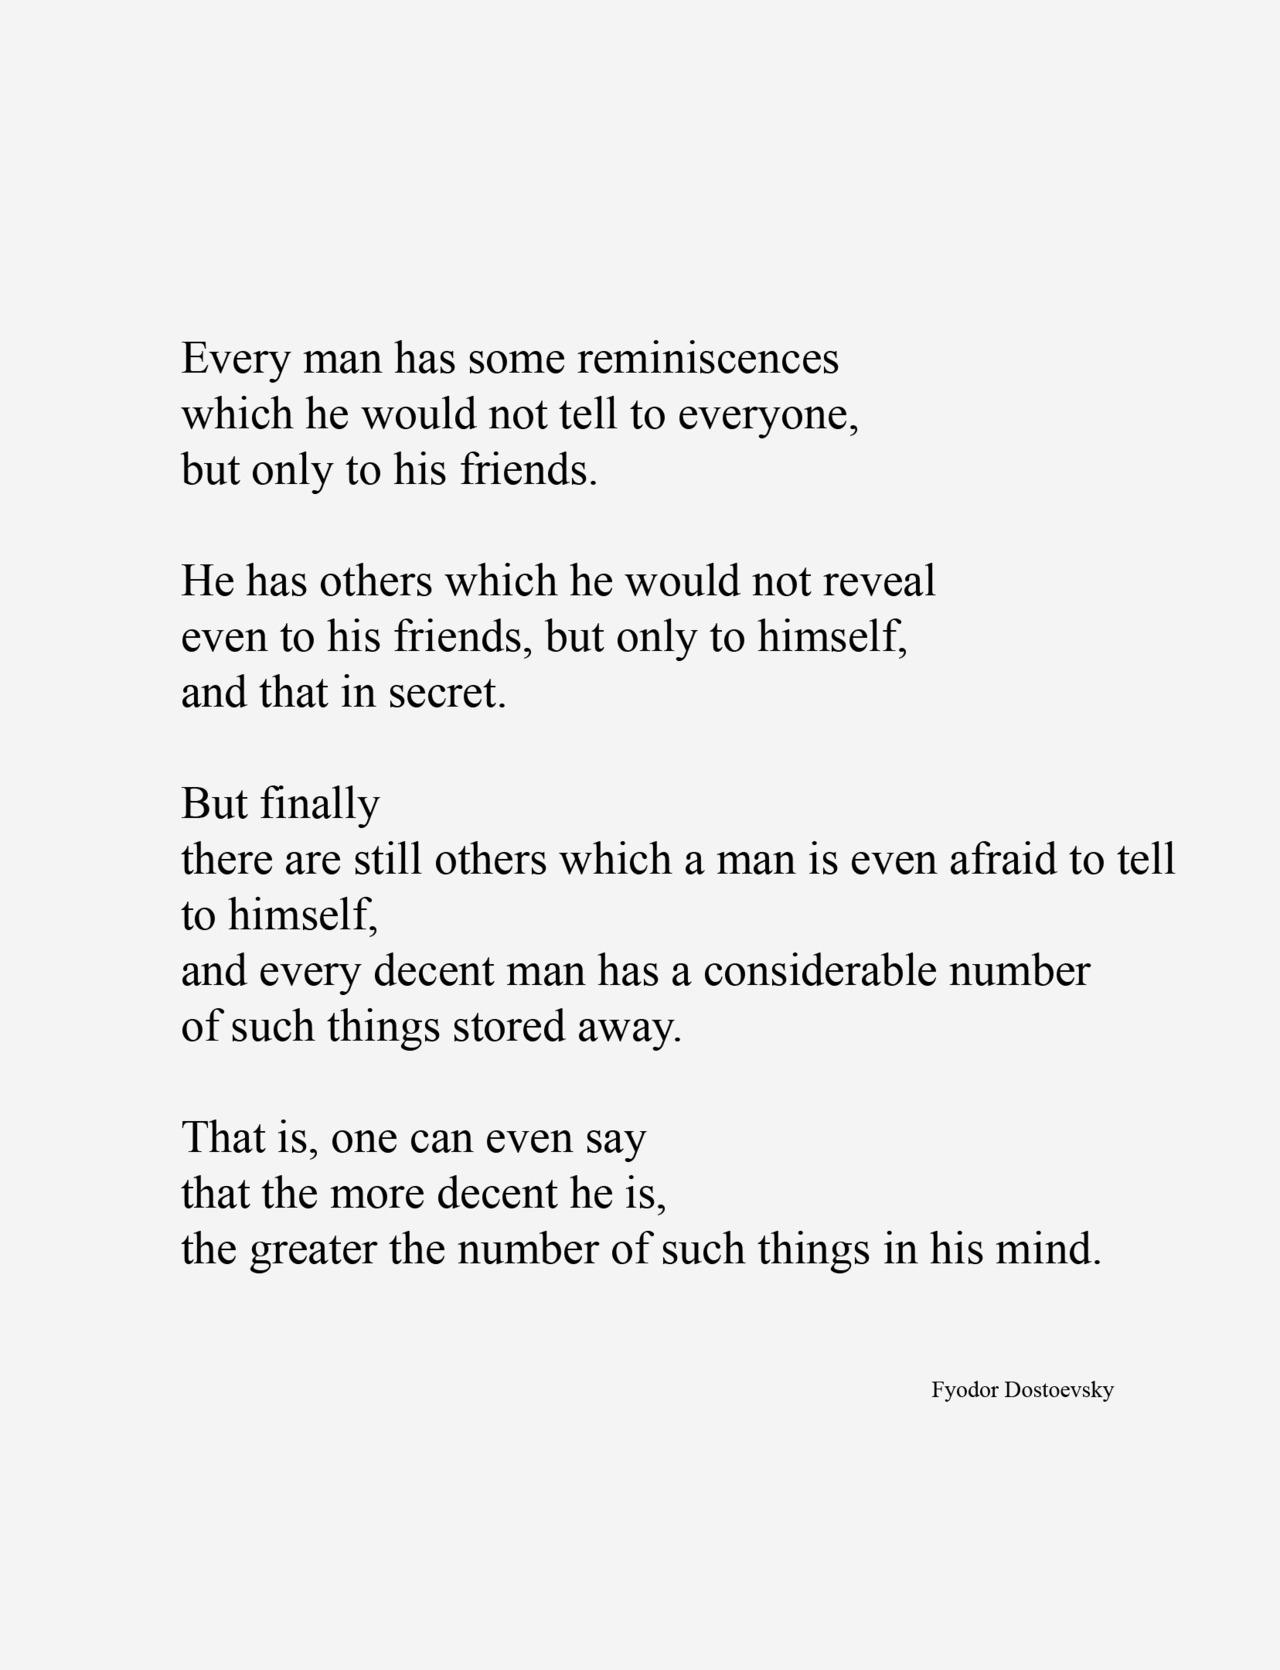 Fyodor Dostoevsky's quote #3